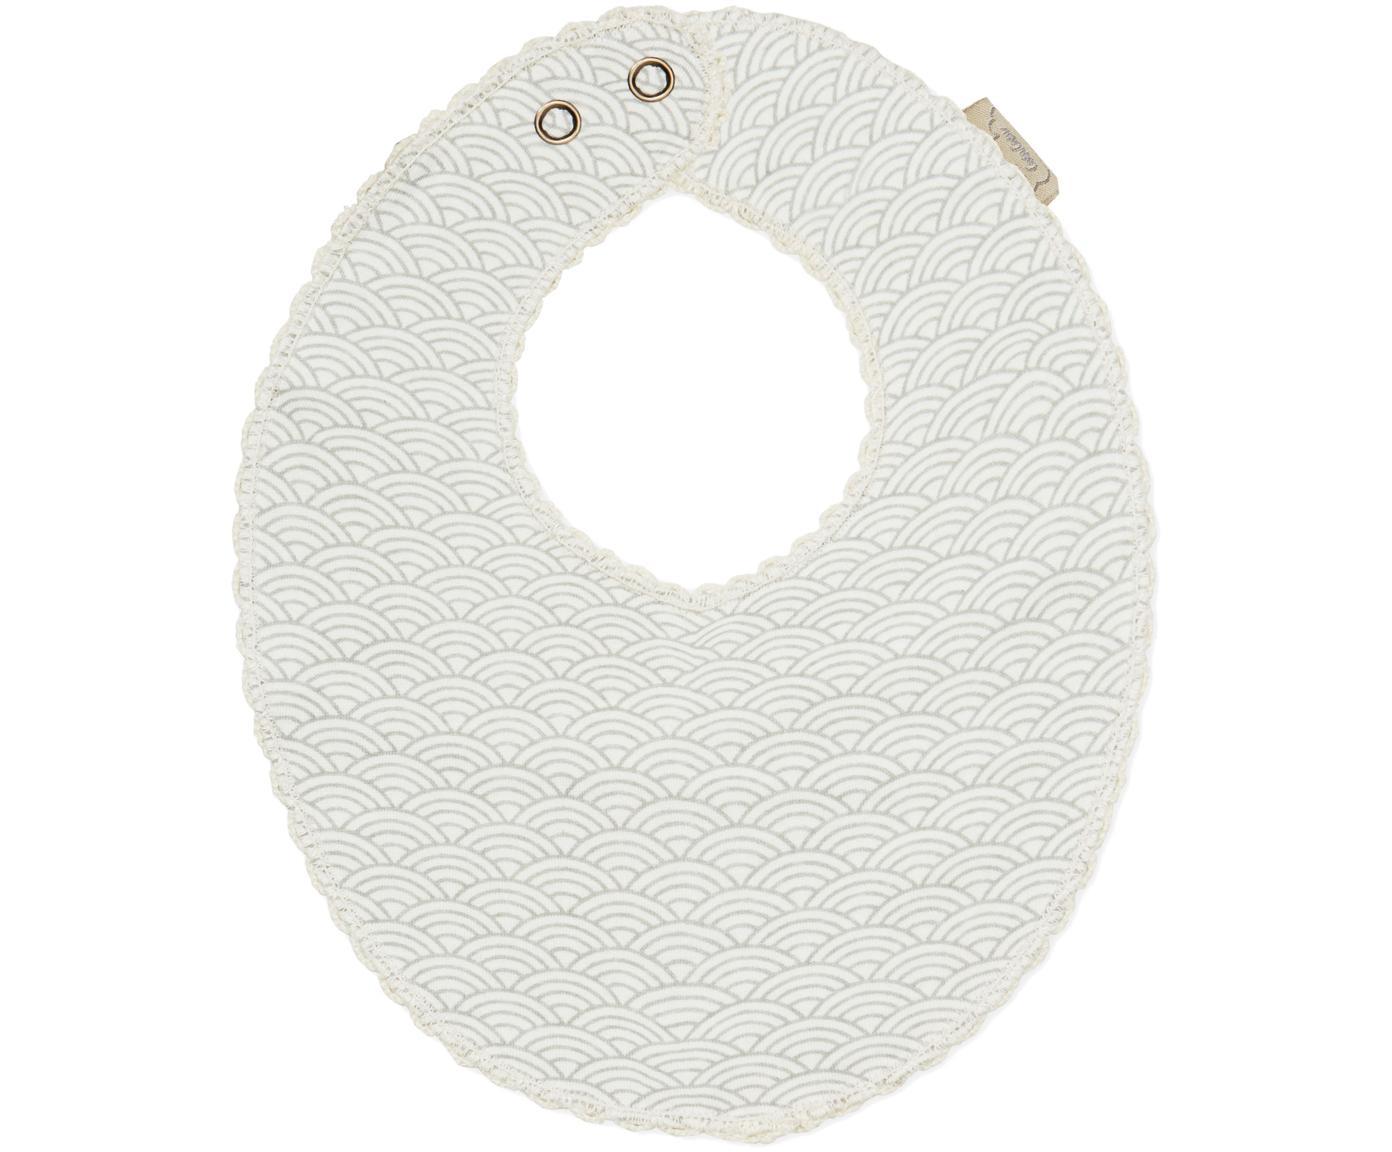 Lätzchen Protect, Bio-Baumwolle, GOTS-zertifiziert, Grau, Weiß, 20 x 23 cm